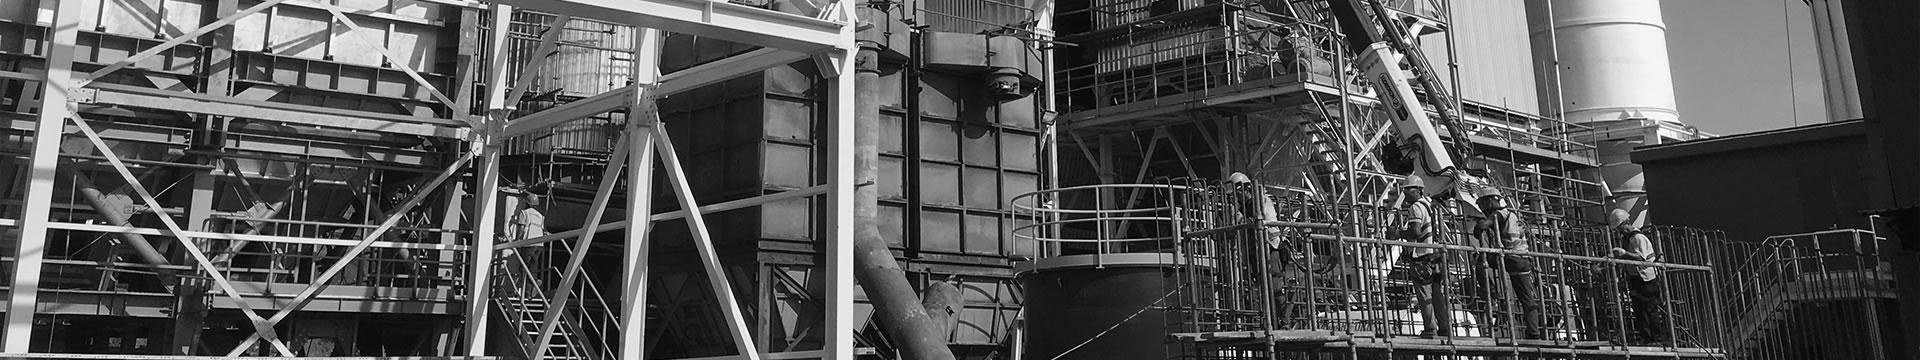 Reaktör ünitesi dioxin-furan konsantrasyonlarımız 0,1 nanogram altındadır.